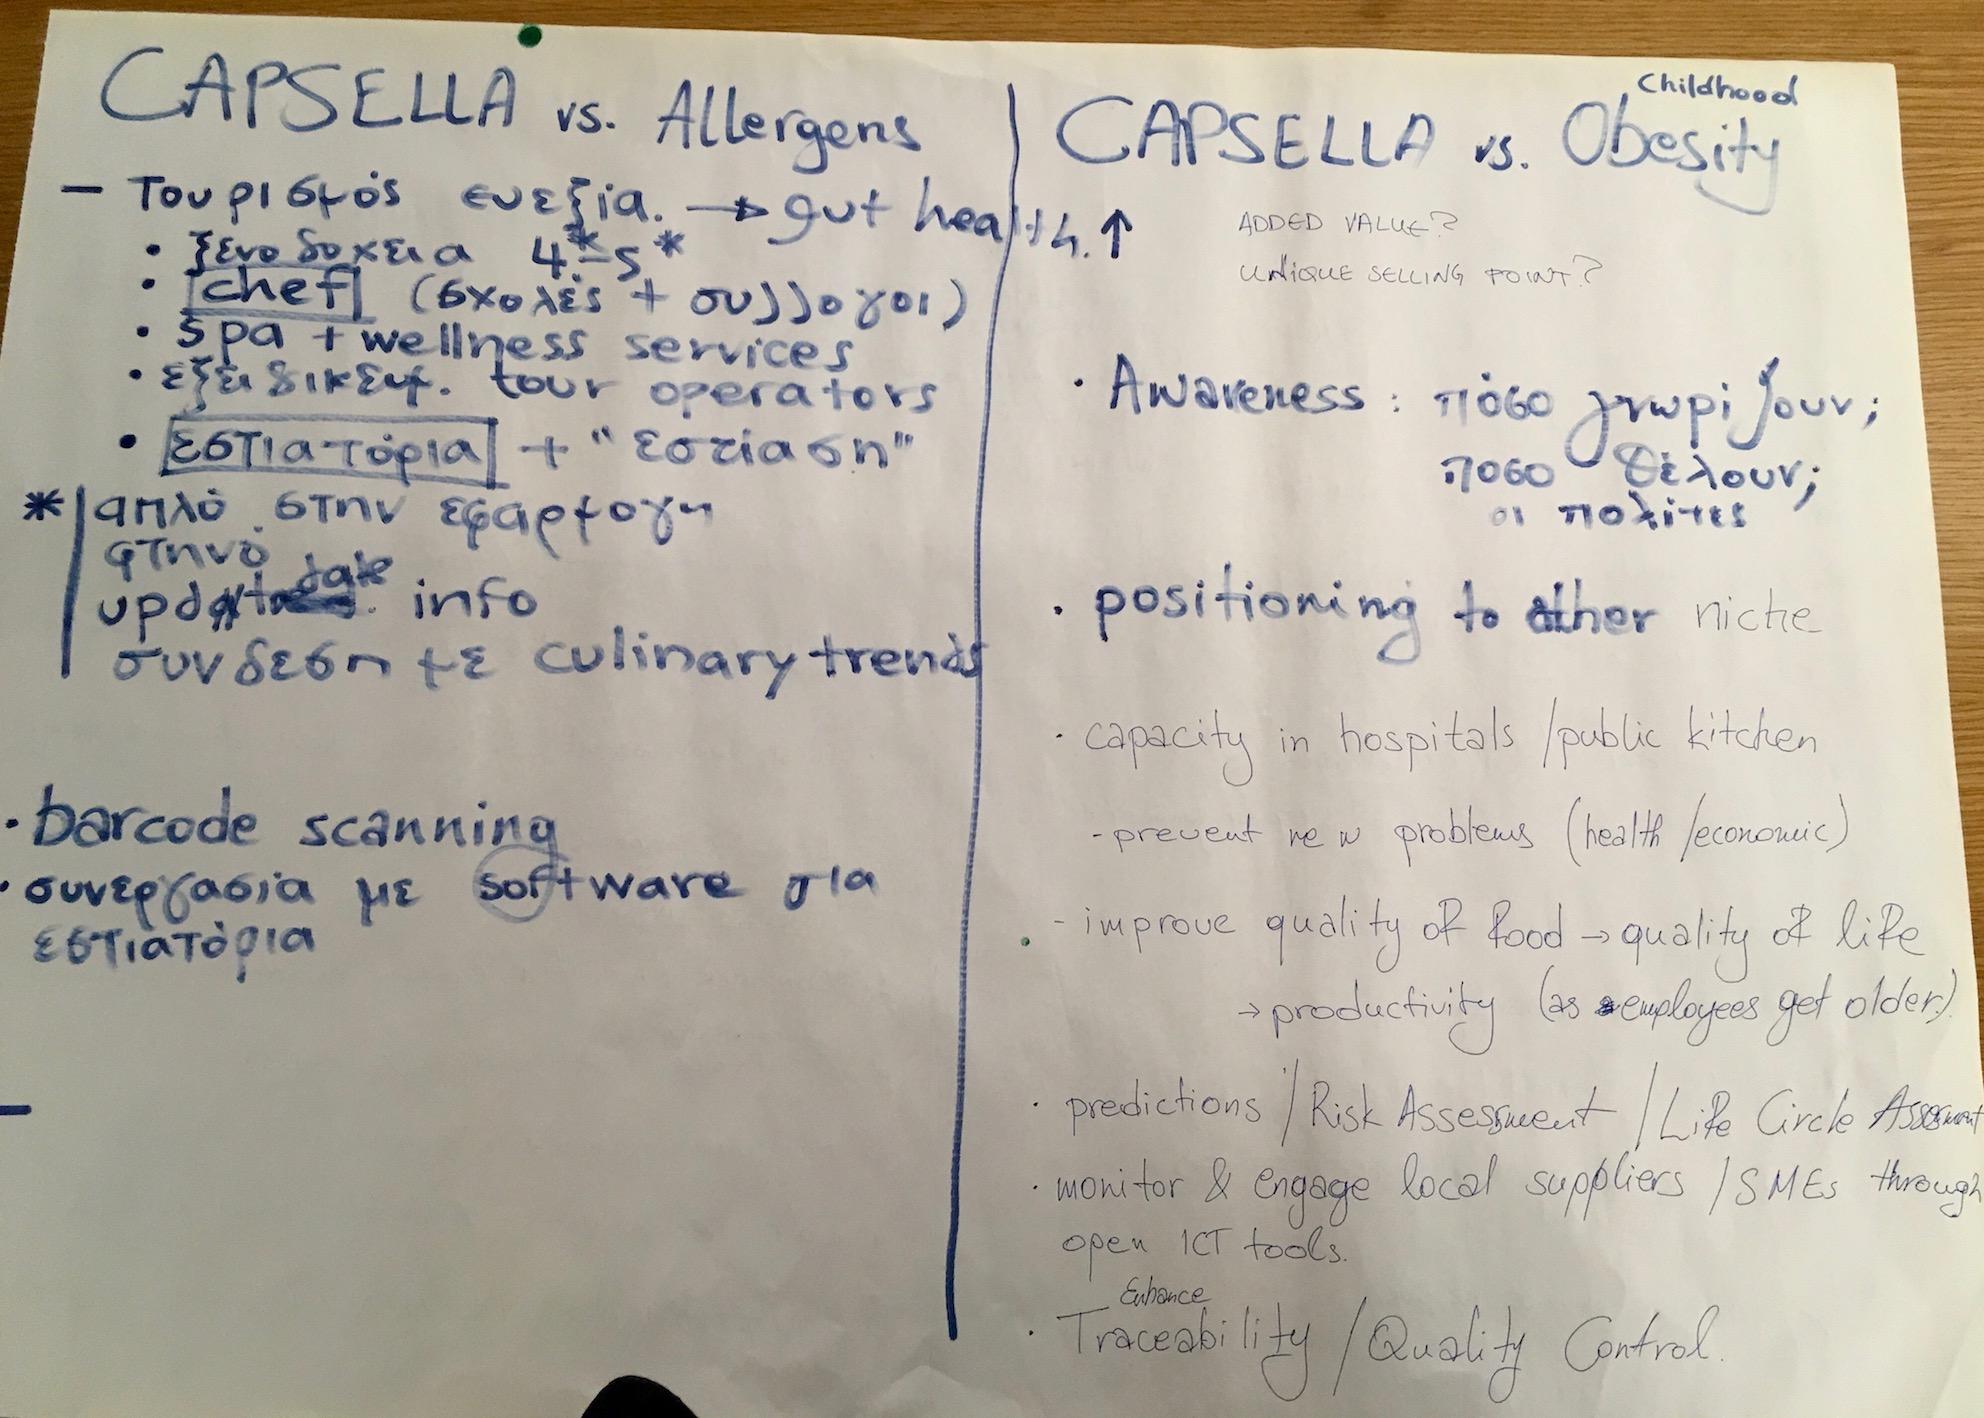 allergens-obesity-chalenge-1